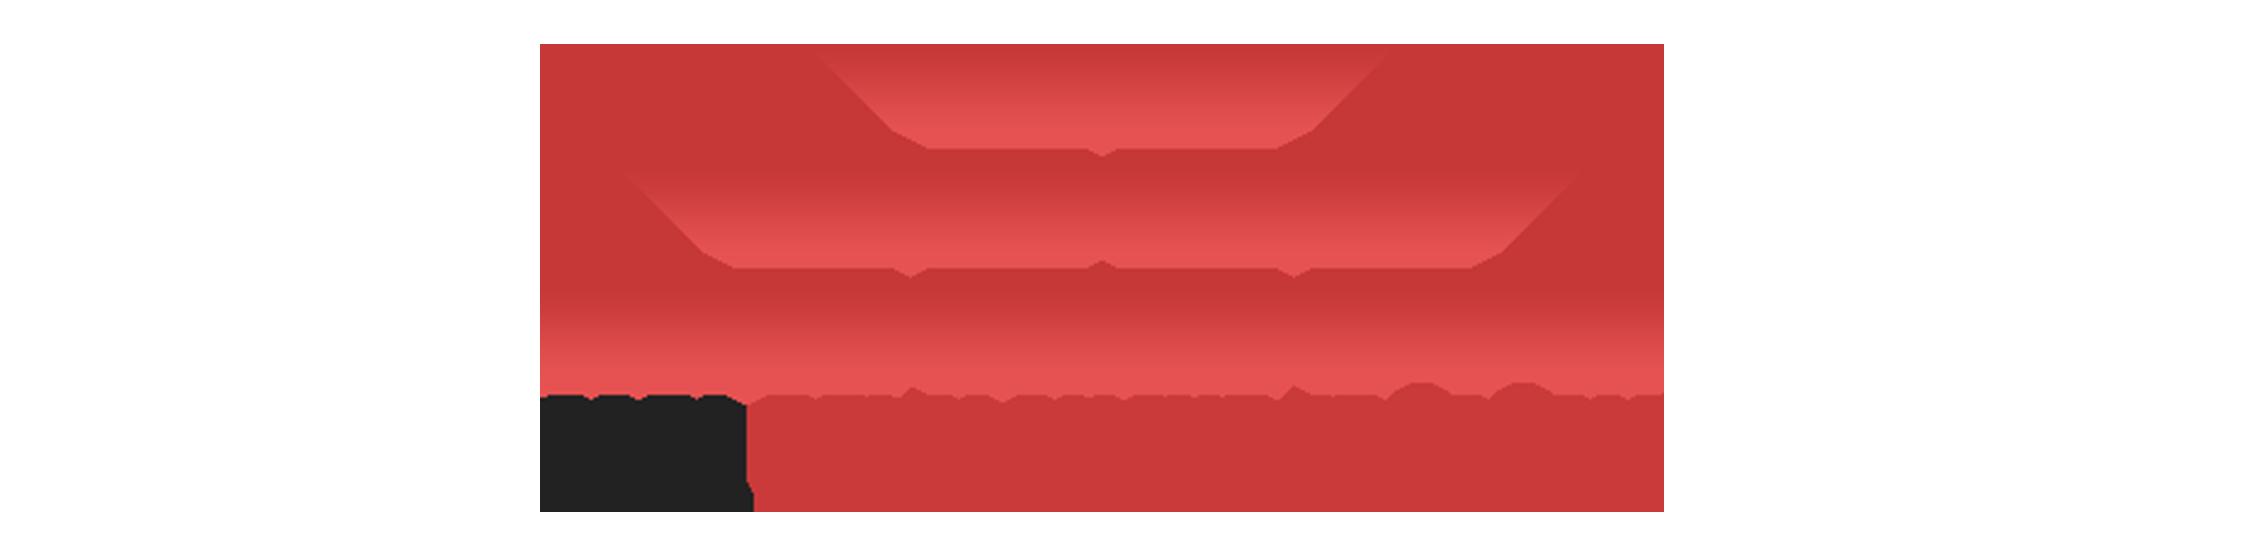 SARL Delplanche Frédéric - Construction et rénovation à Fourmies